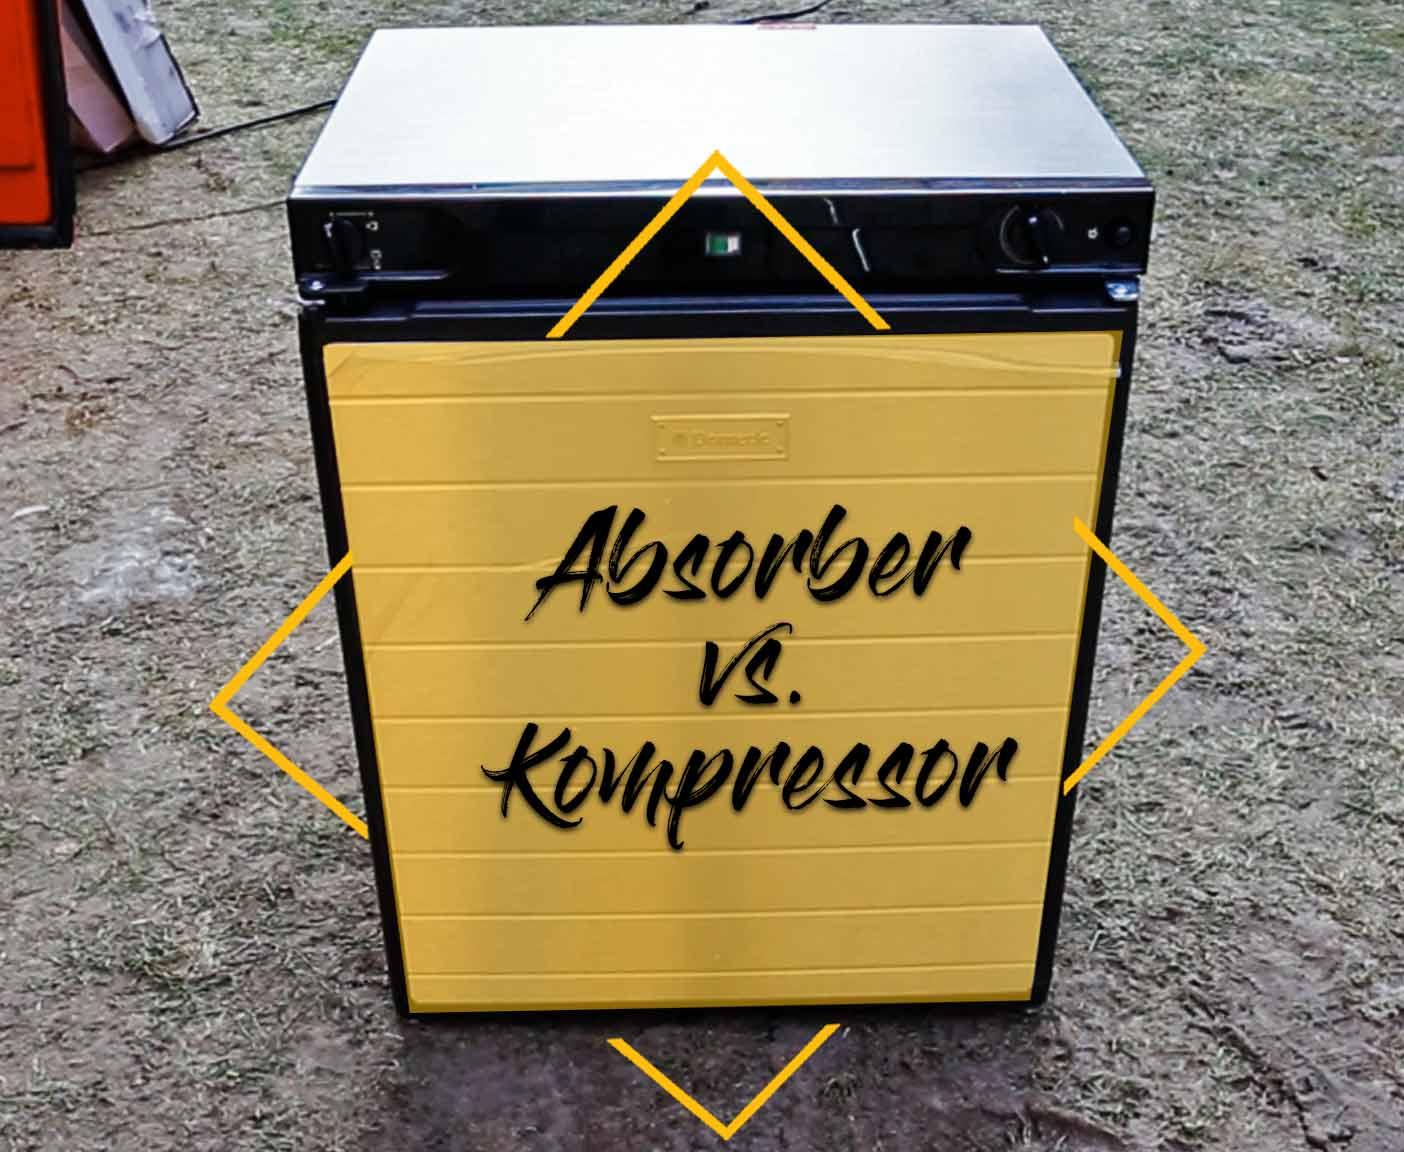 Auto Kühlschränke Test : Kompressor oder absorber? 12v camping kühlschrank im test.